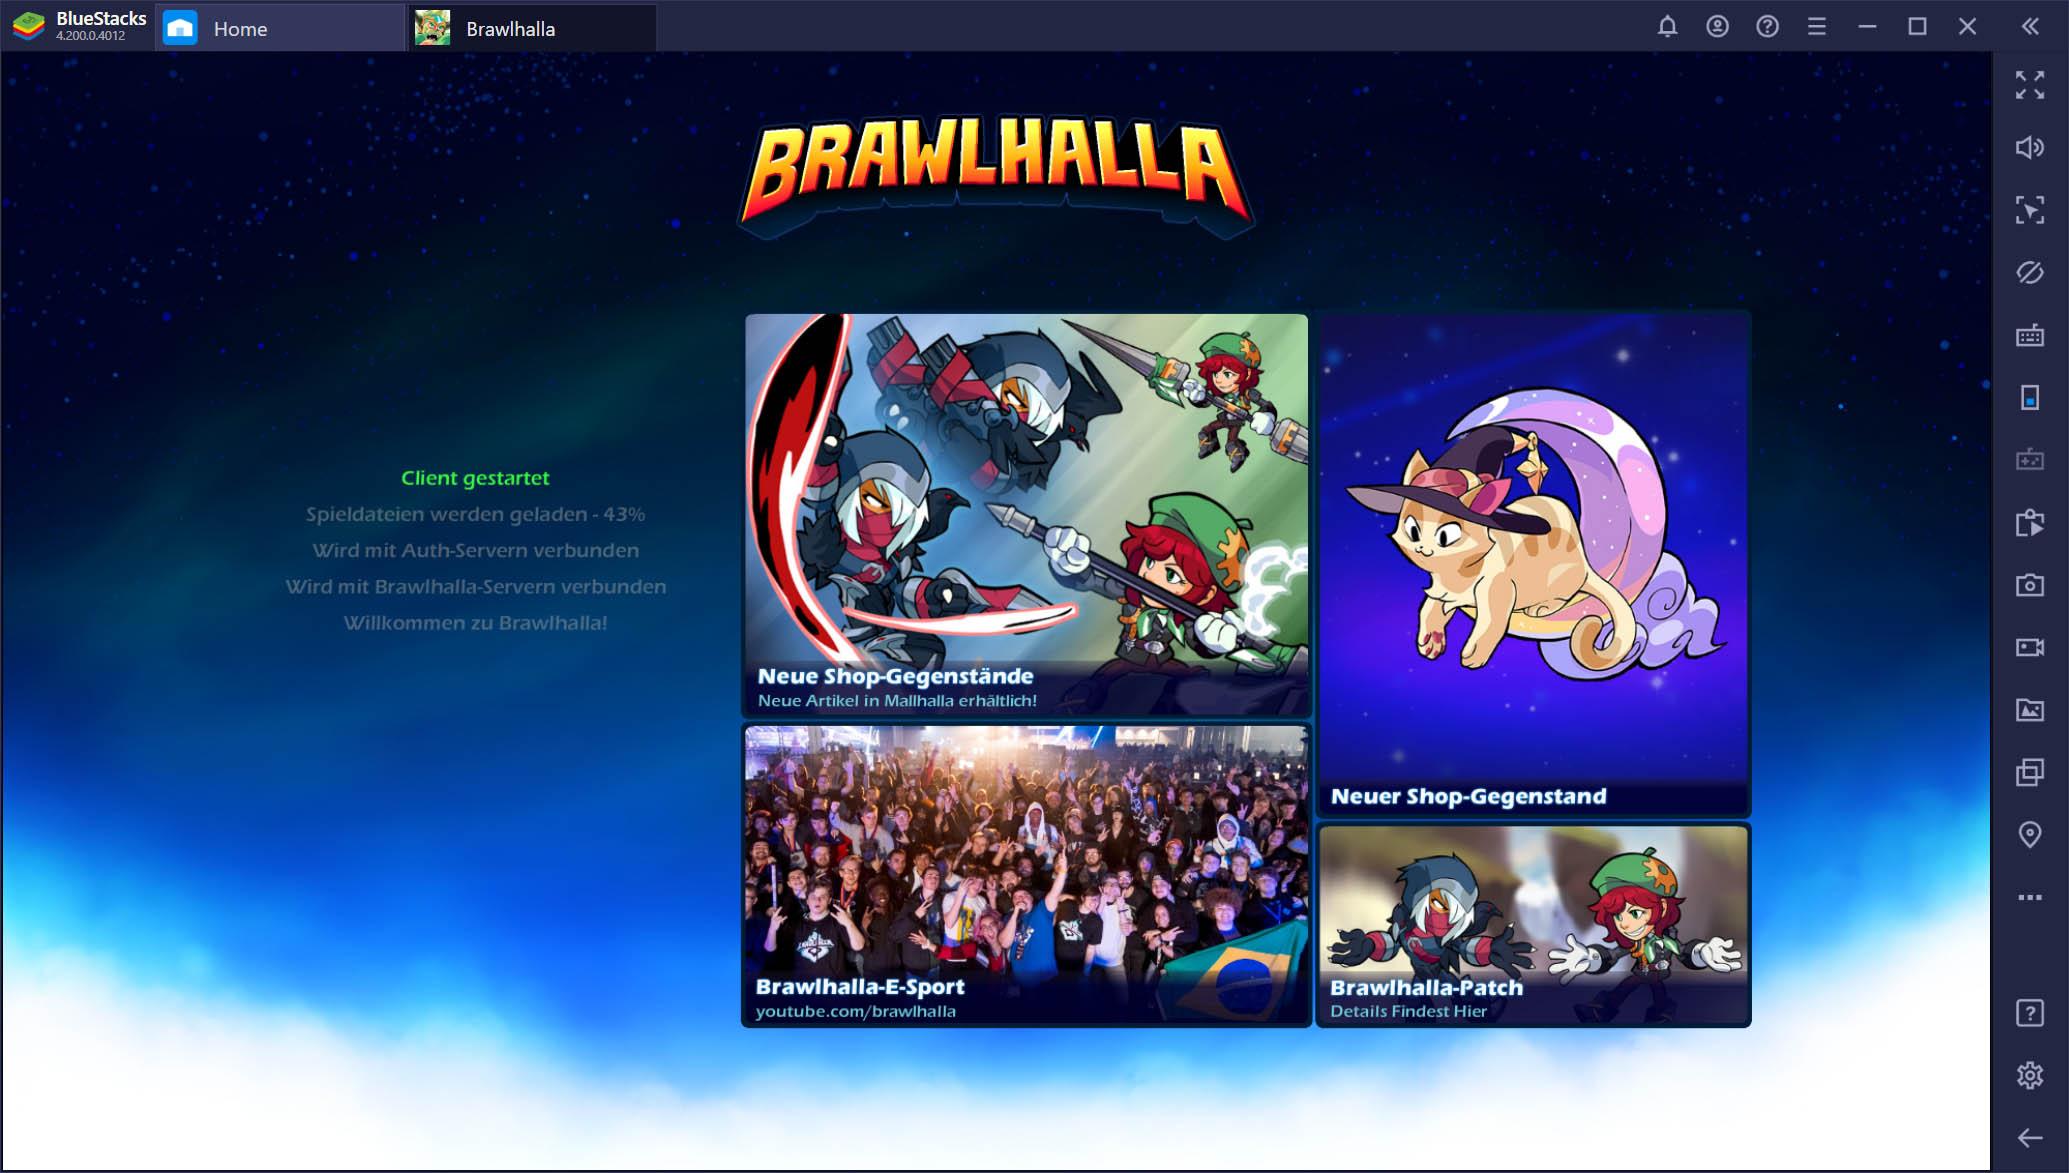 Brawlhalla auf BlueStacks – Unsere ersten Eindrücke von der neuen mobilen Version